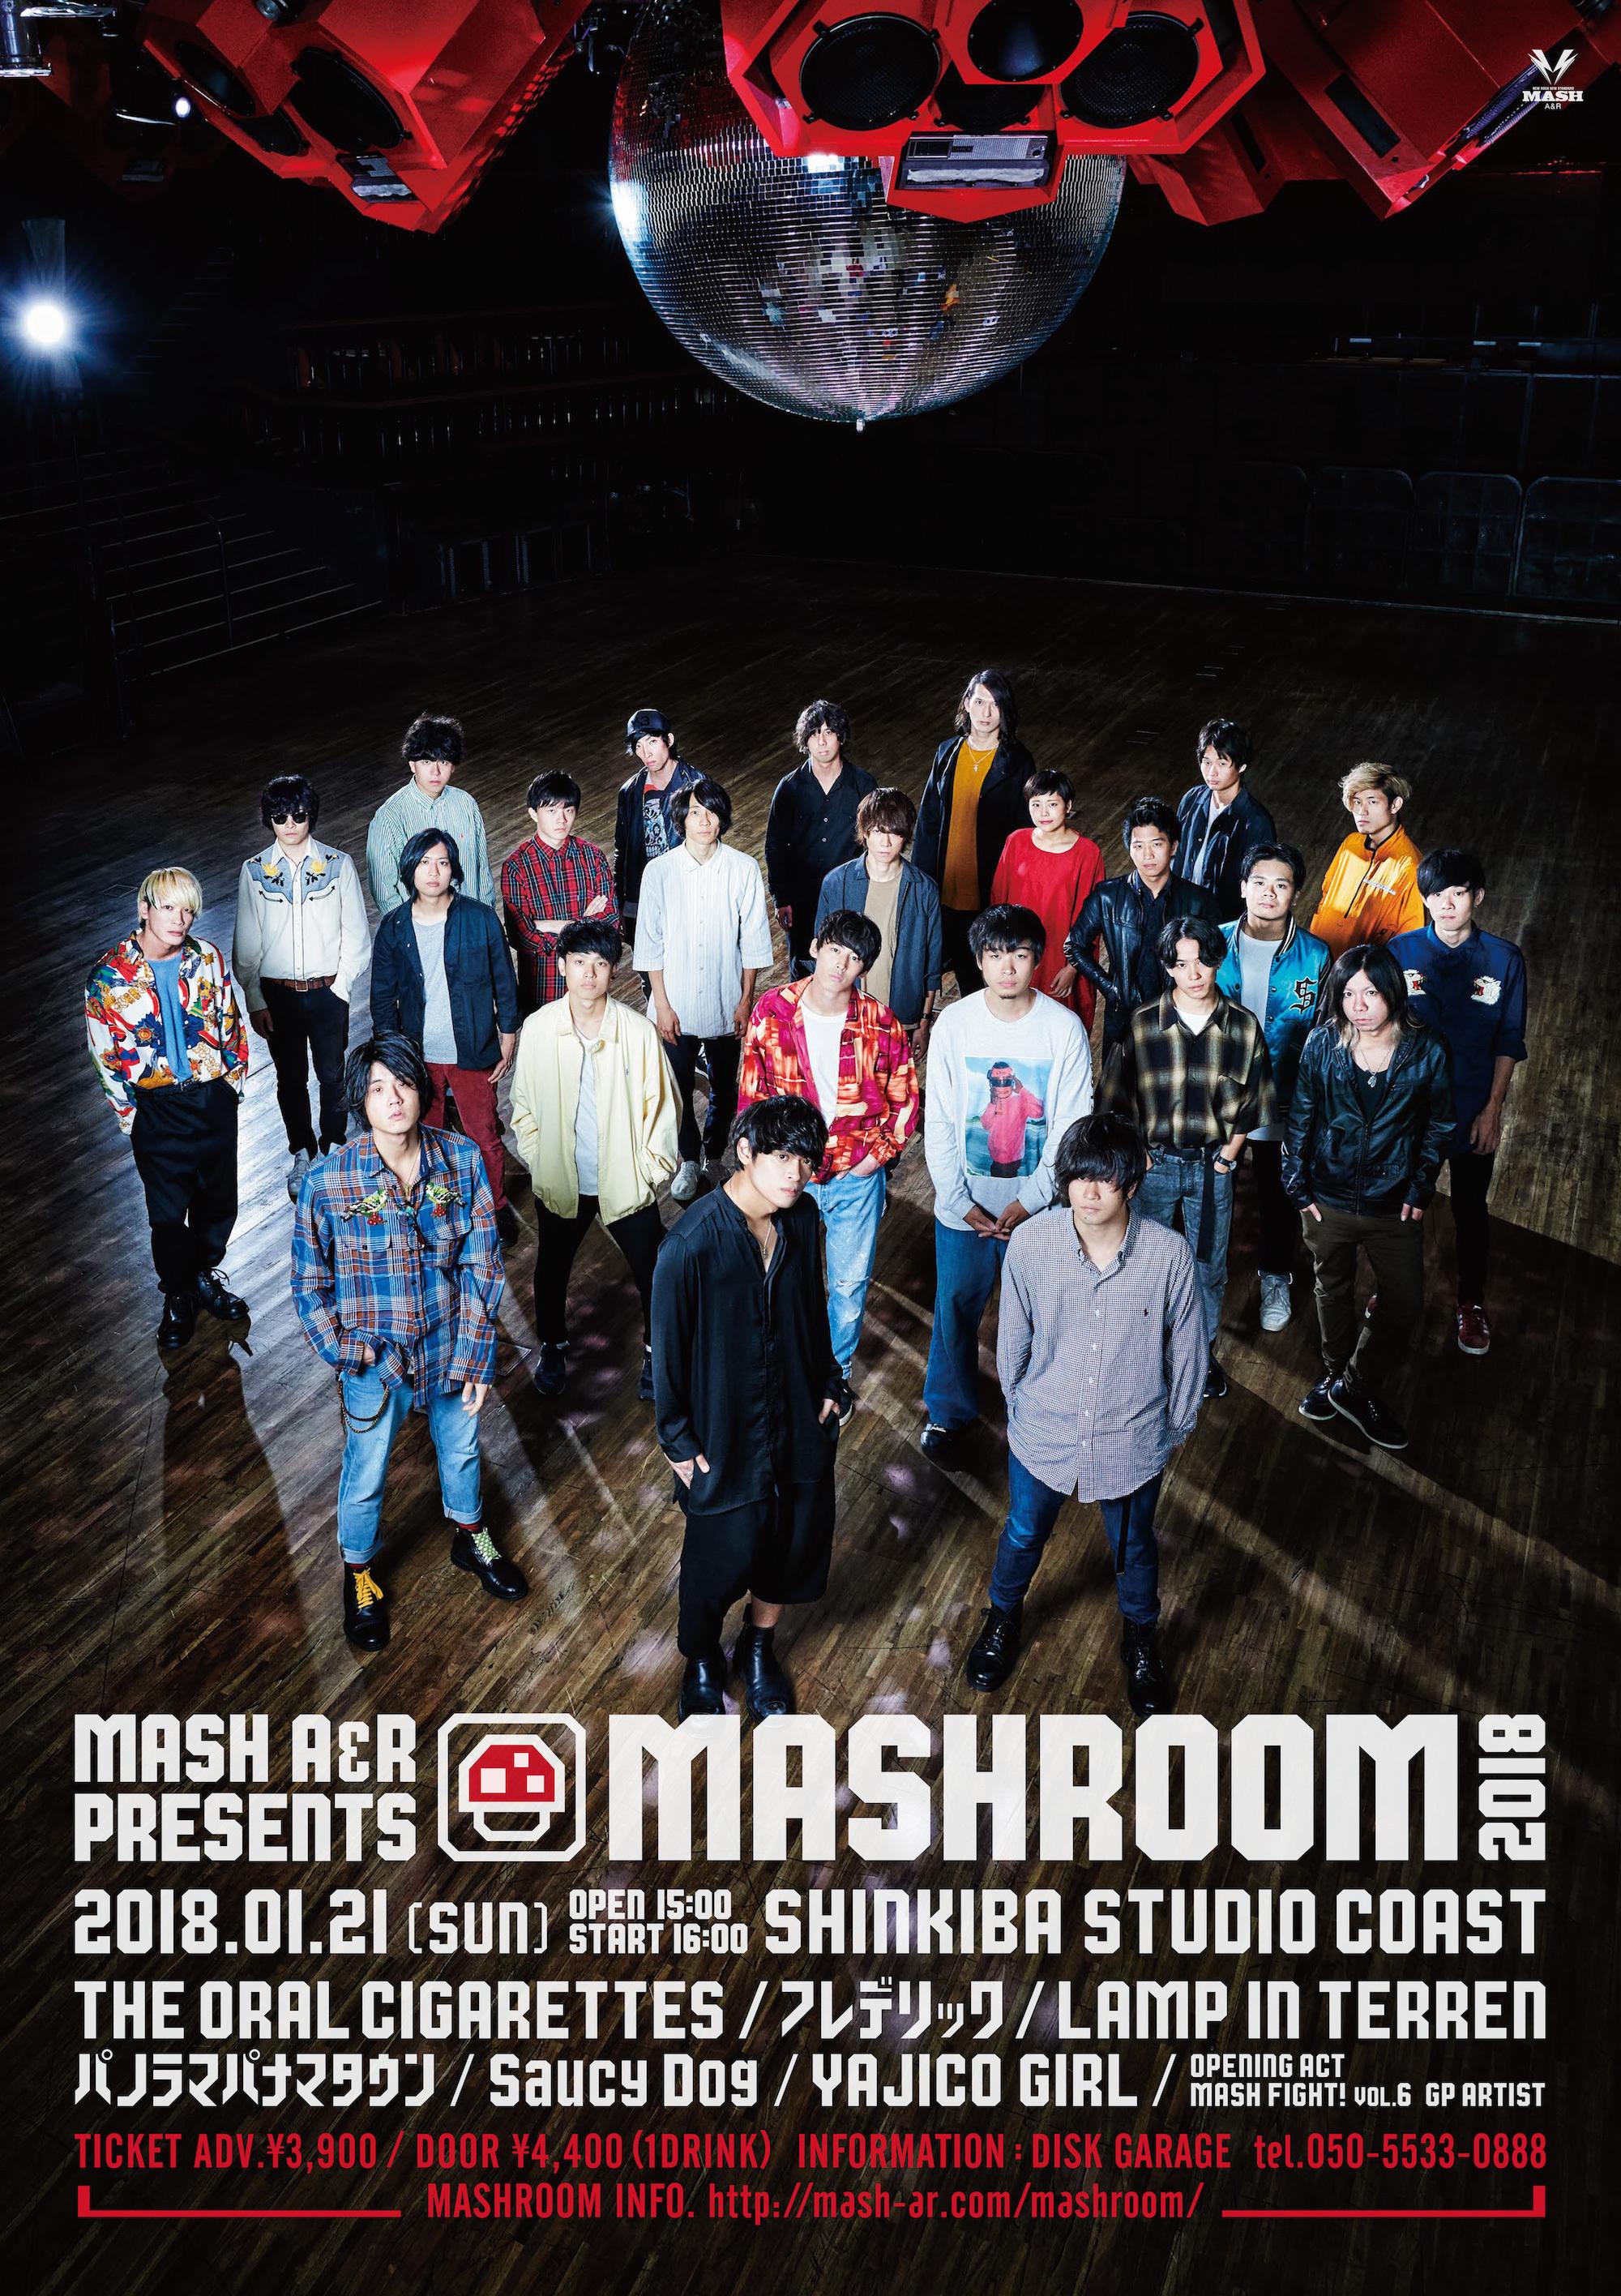 MASHROOM 2018